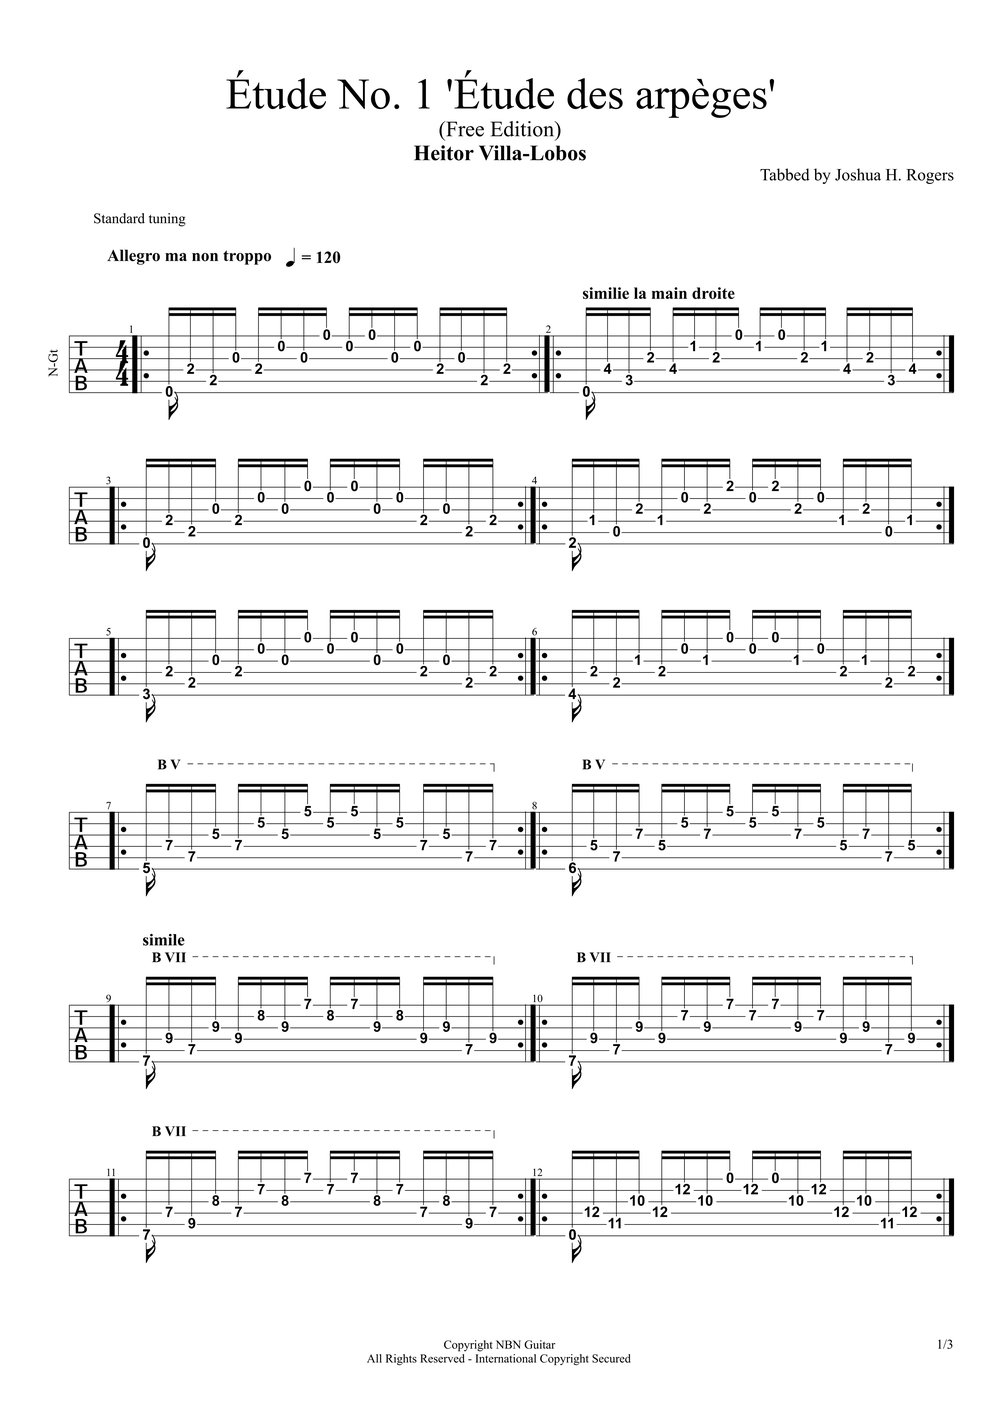 Etude No. 1 Heitor Villa Lobos (Tabs)-p3.jpg